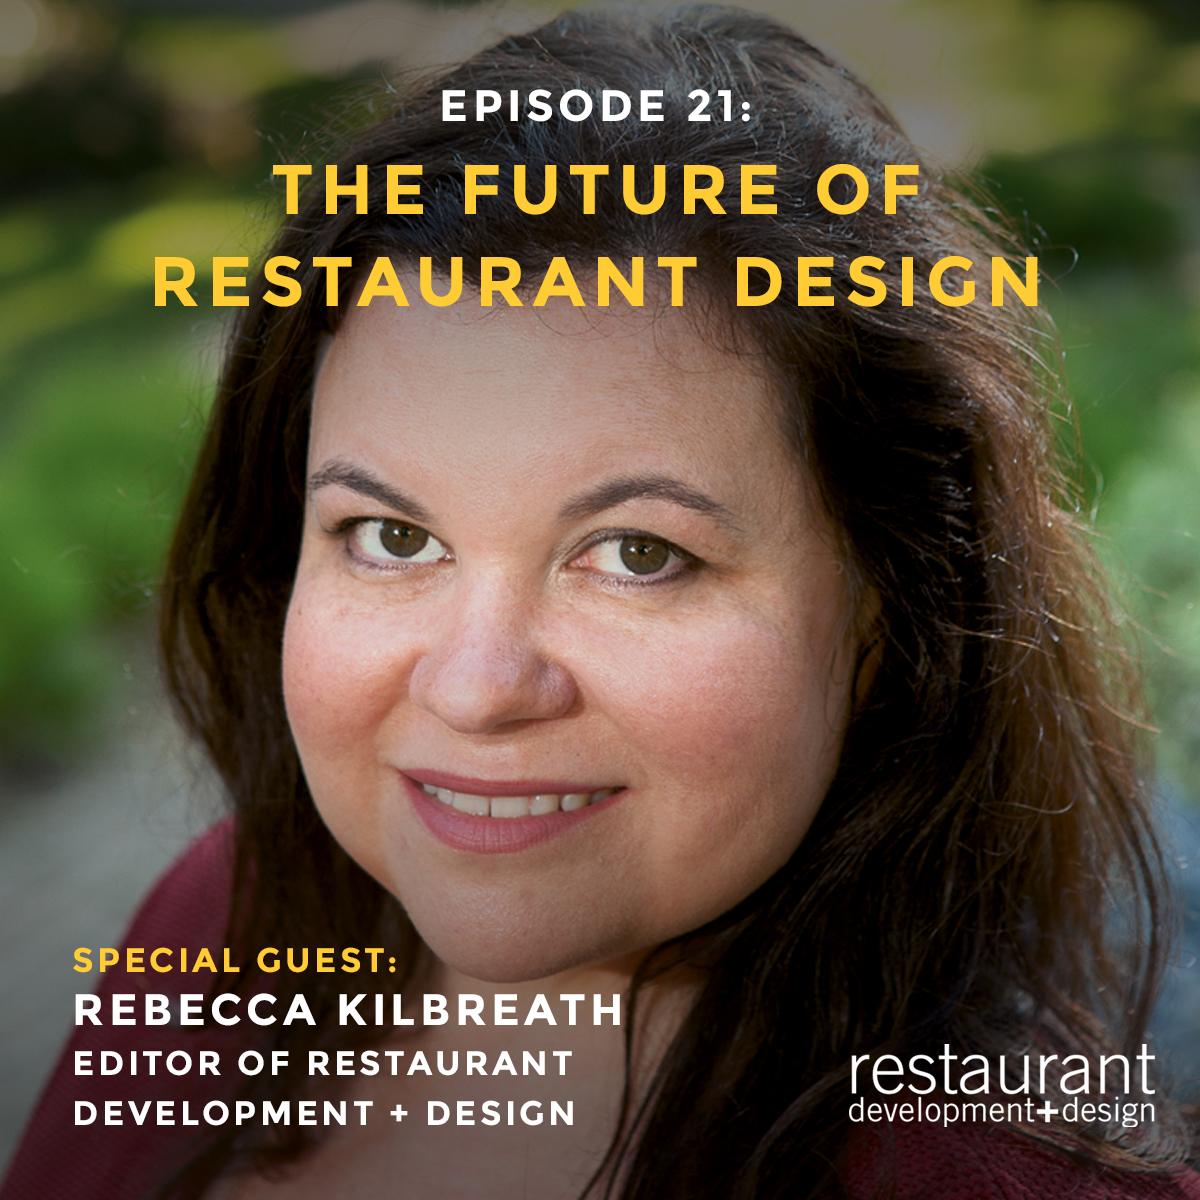 Podcast ep rebecca kilbreath of restaurant